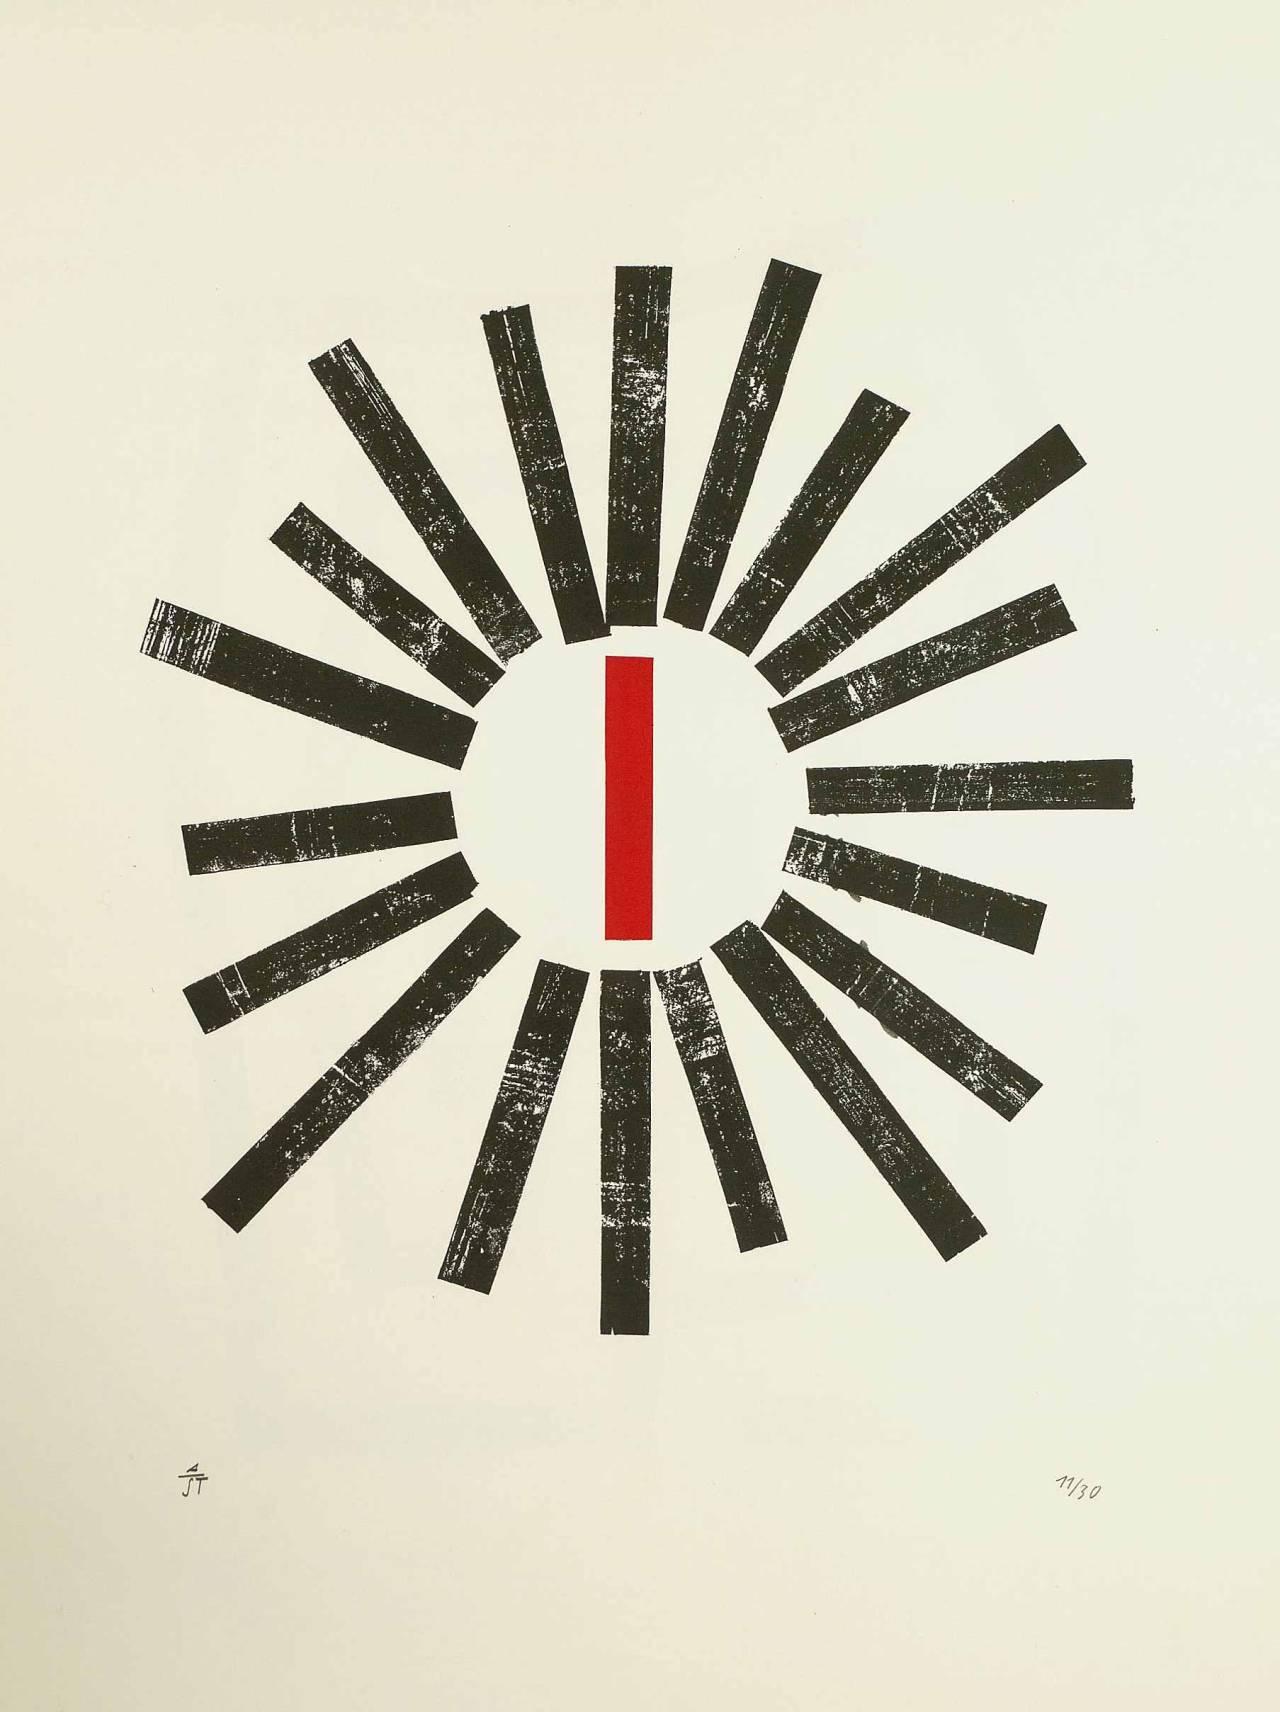 design-is-fine - Anton Stankowski, Spiel und Gleichnis / Game and Allegory, n.d. Serigraph. Via Kiefer